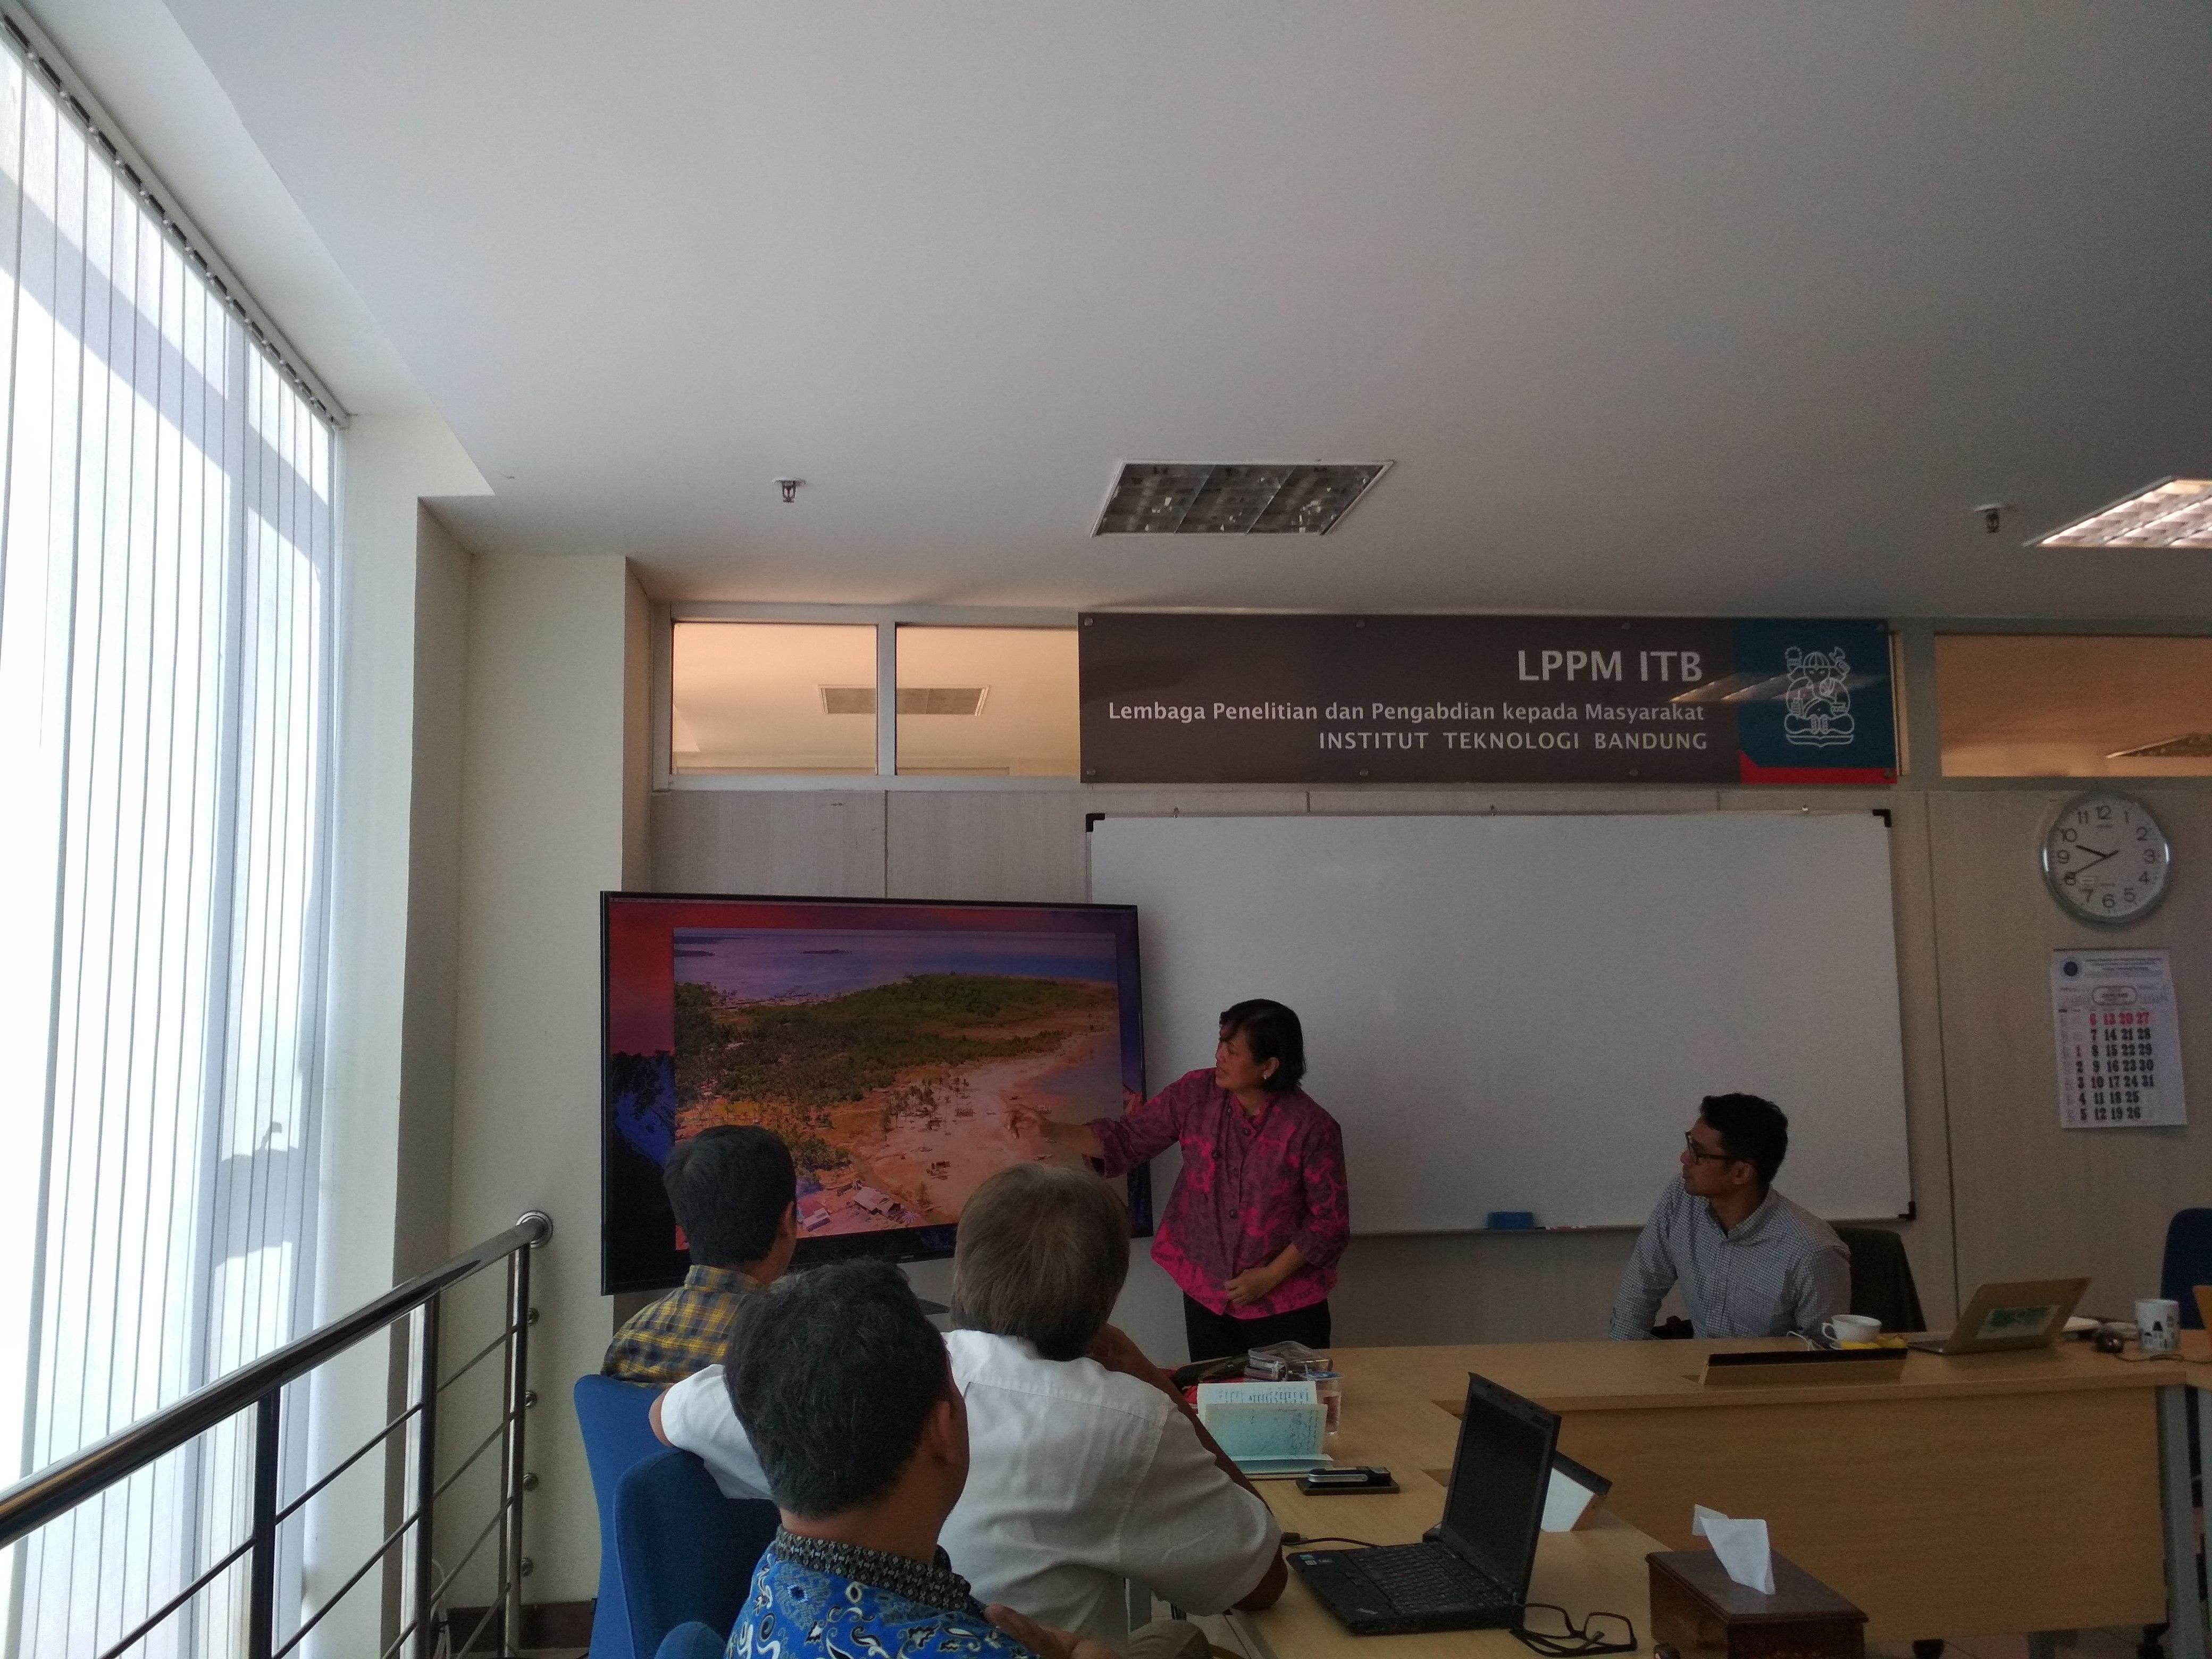 pasca-tsunami-lppm-itb-siapkan-rencana-program-rehabilitasi-dan-rekonstruksi-di-banten-dan-lampung